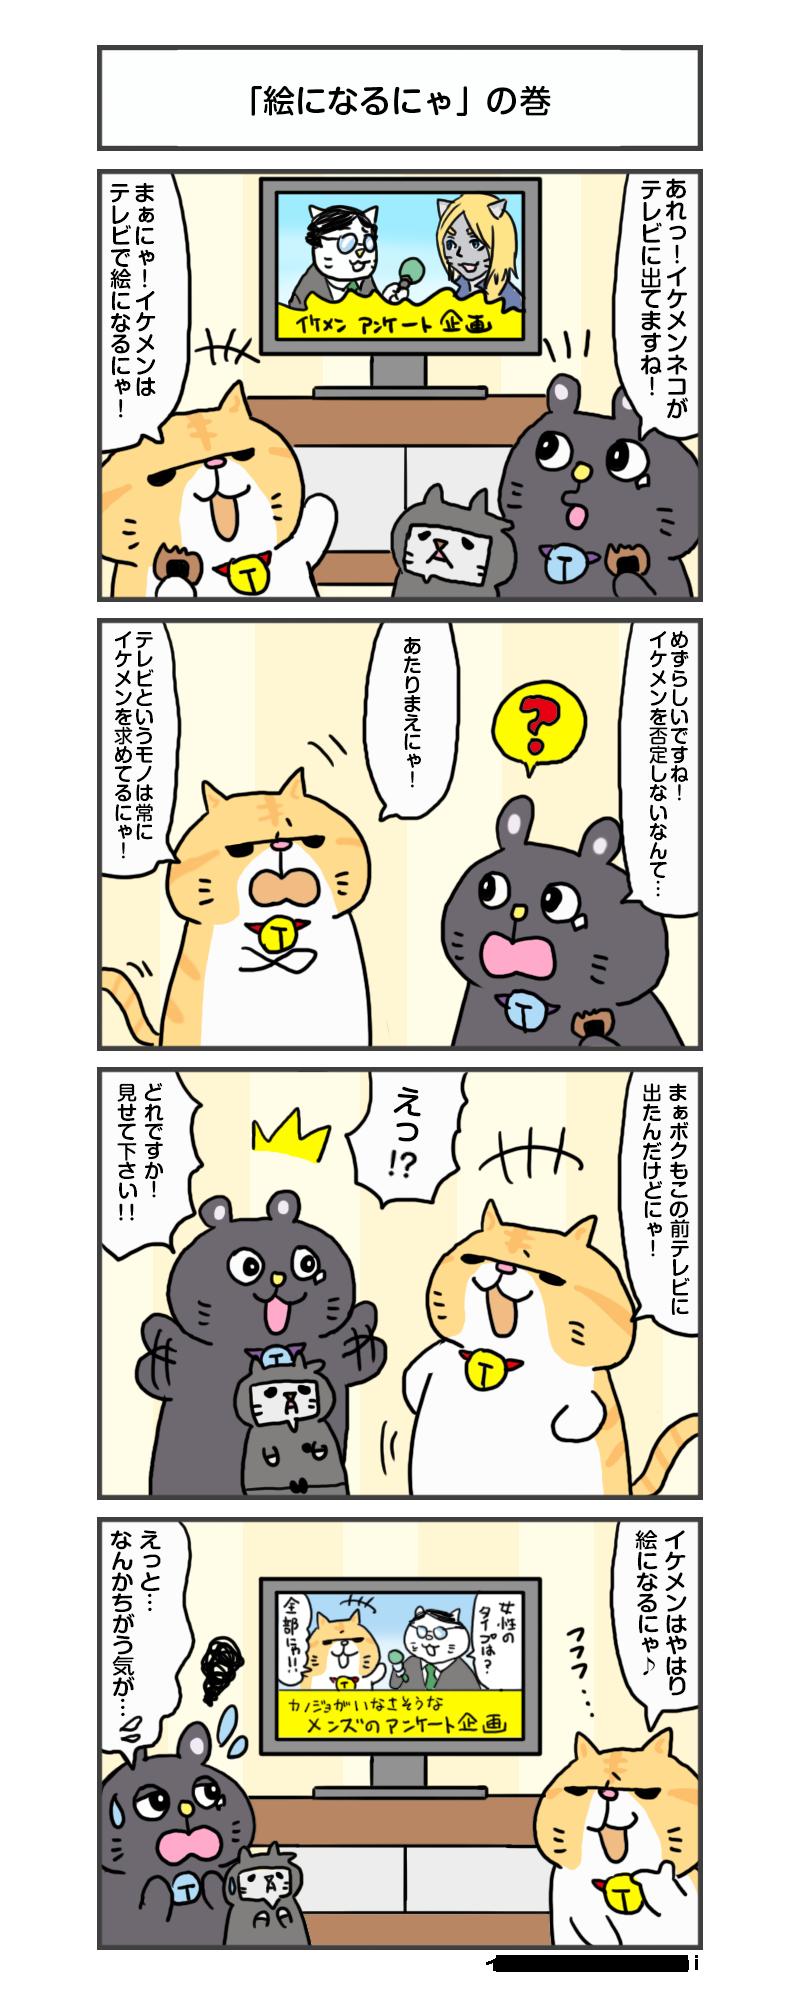 縺医″縺昴y縺・anga_vol.214